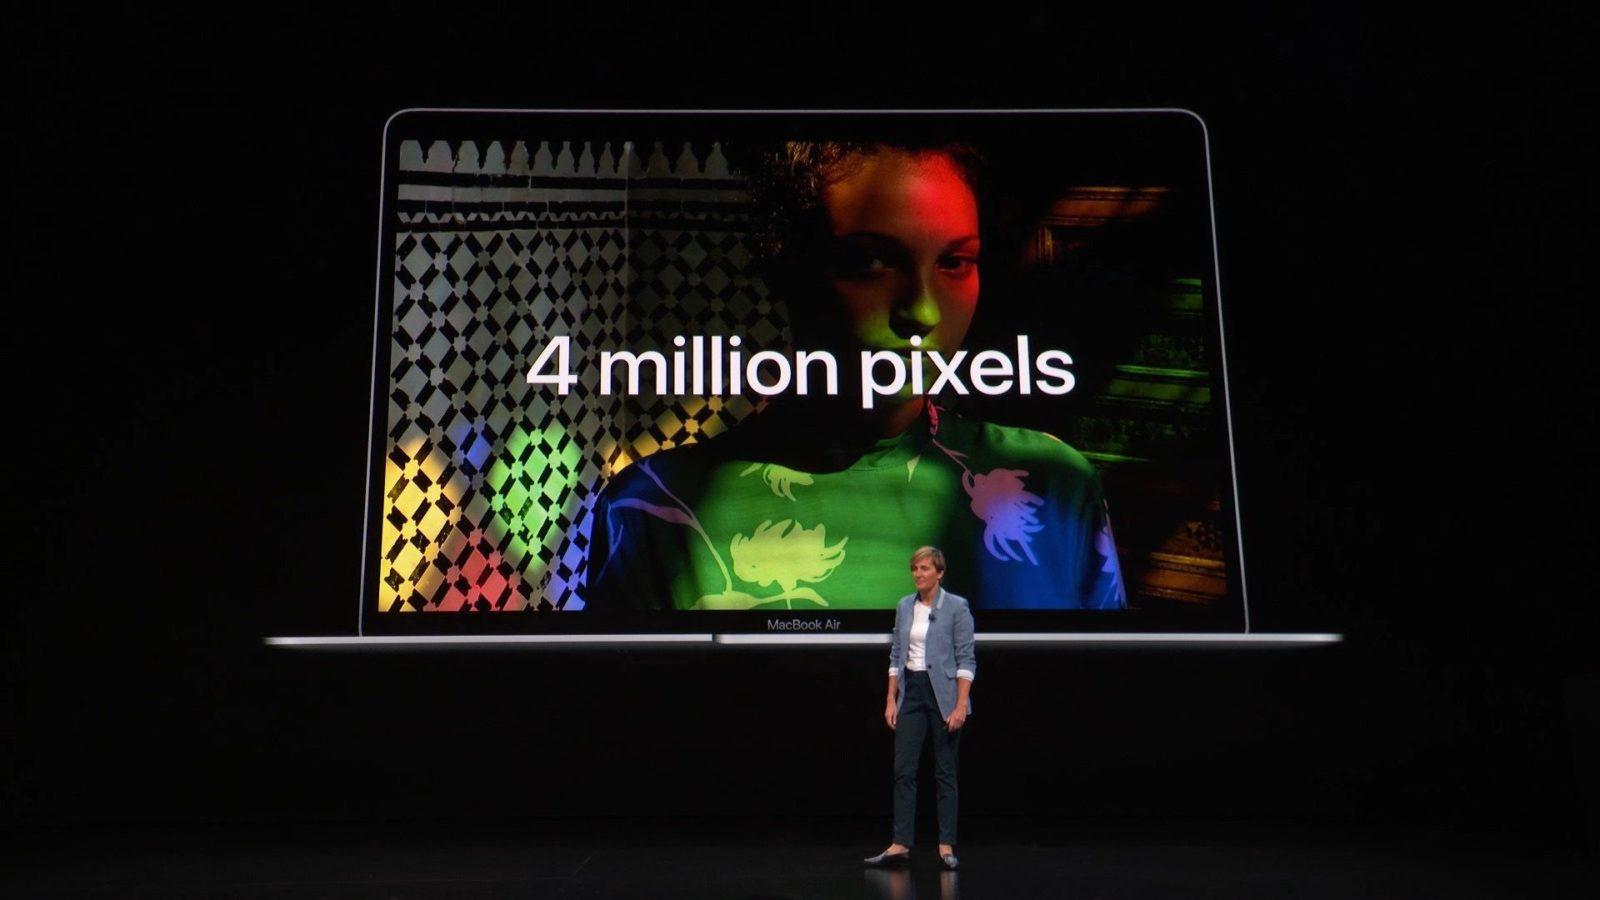 La presentazione del MacBook Air 2018 da 13″